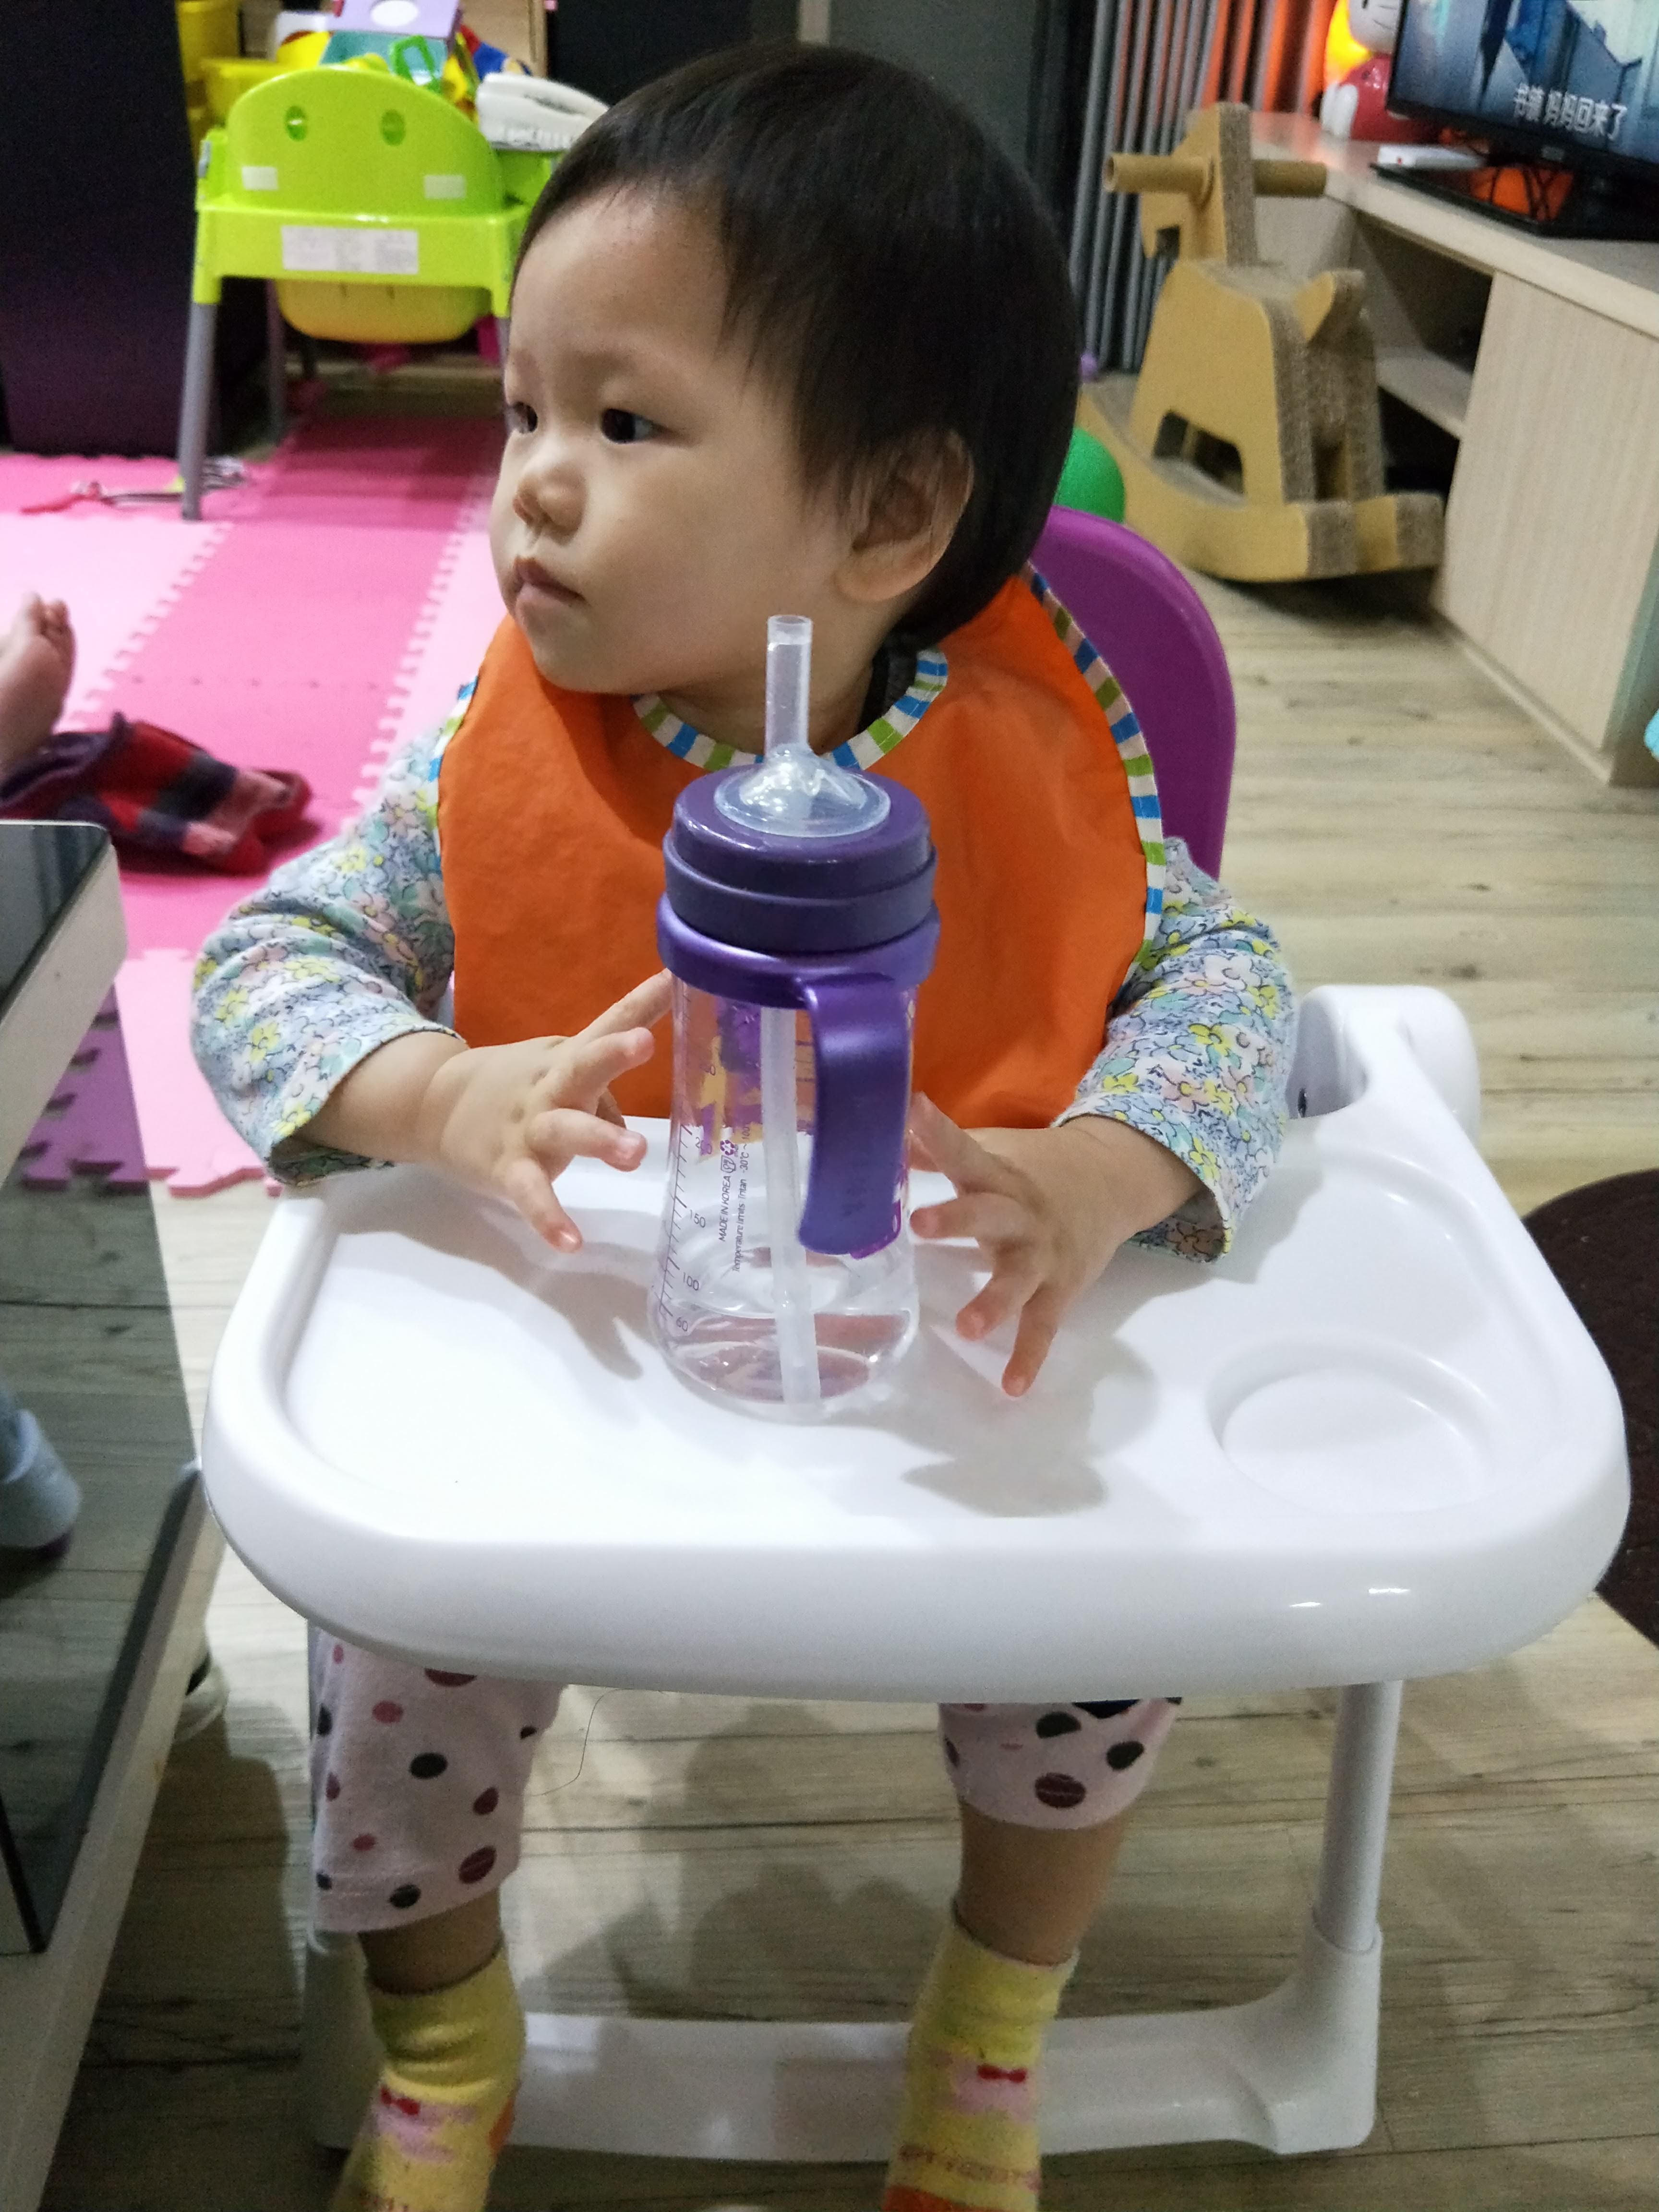 [開箱]ZOE 摺疊餐椅X摺疊收納桌,小朋友吃飯、親子旅遊野餐好方便。